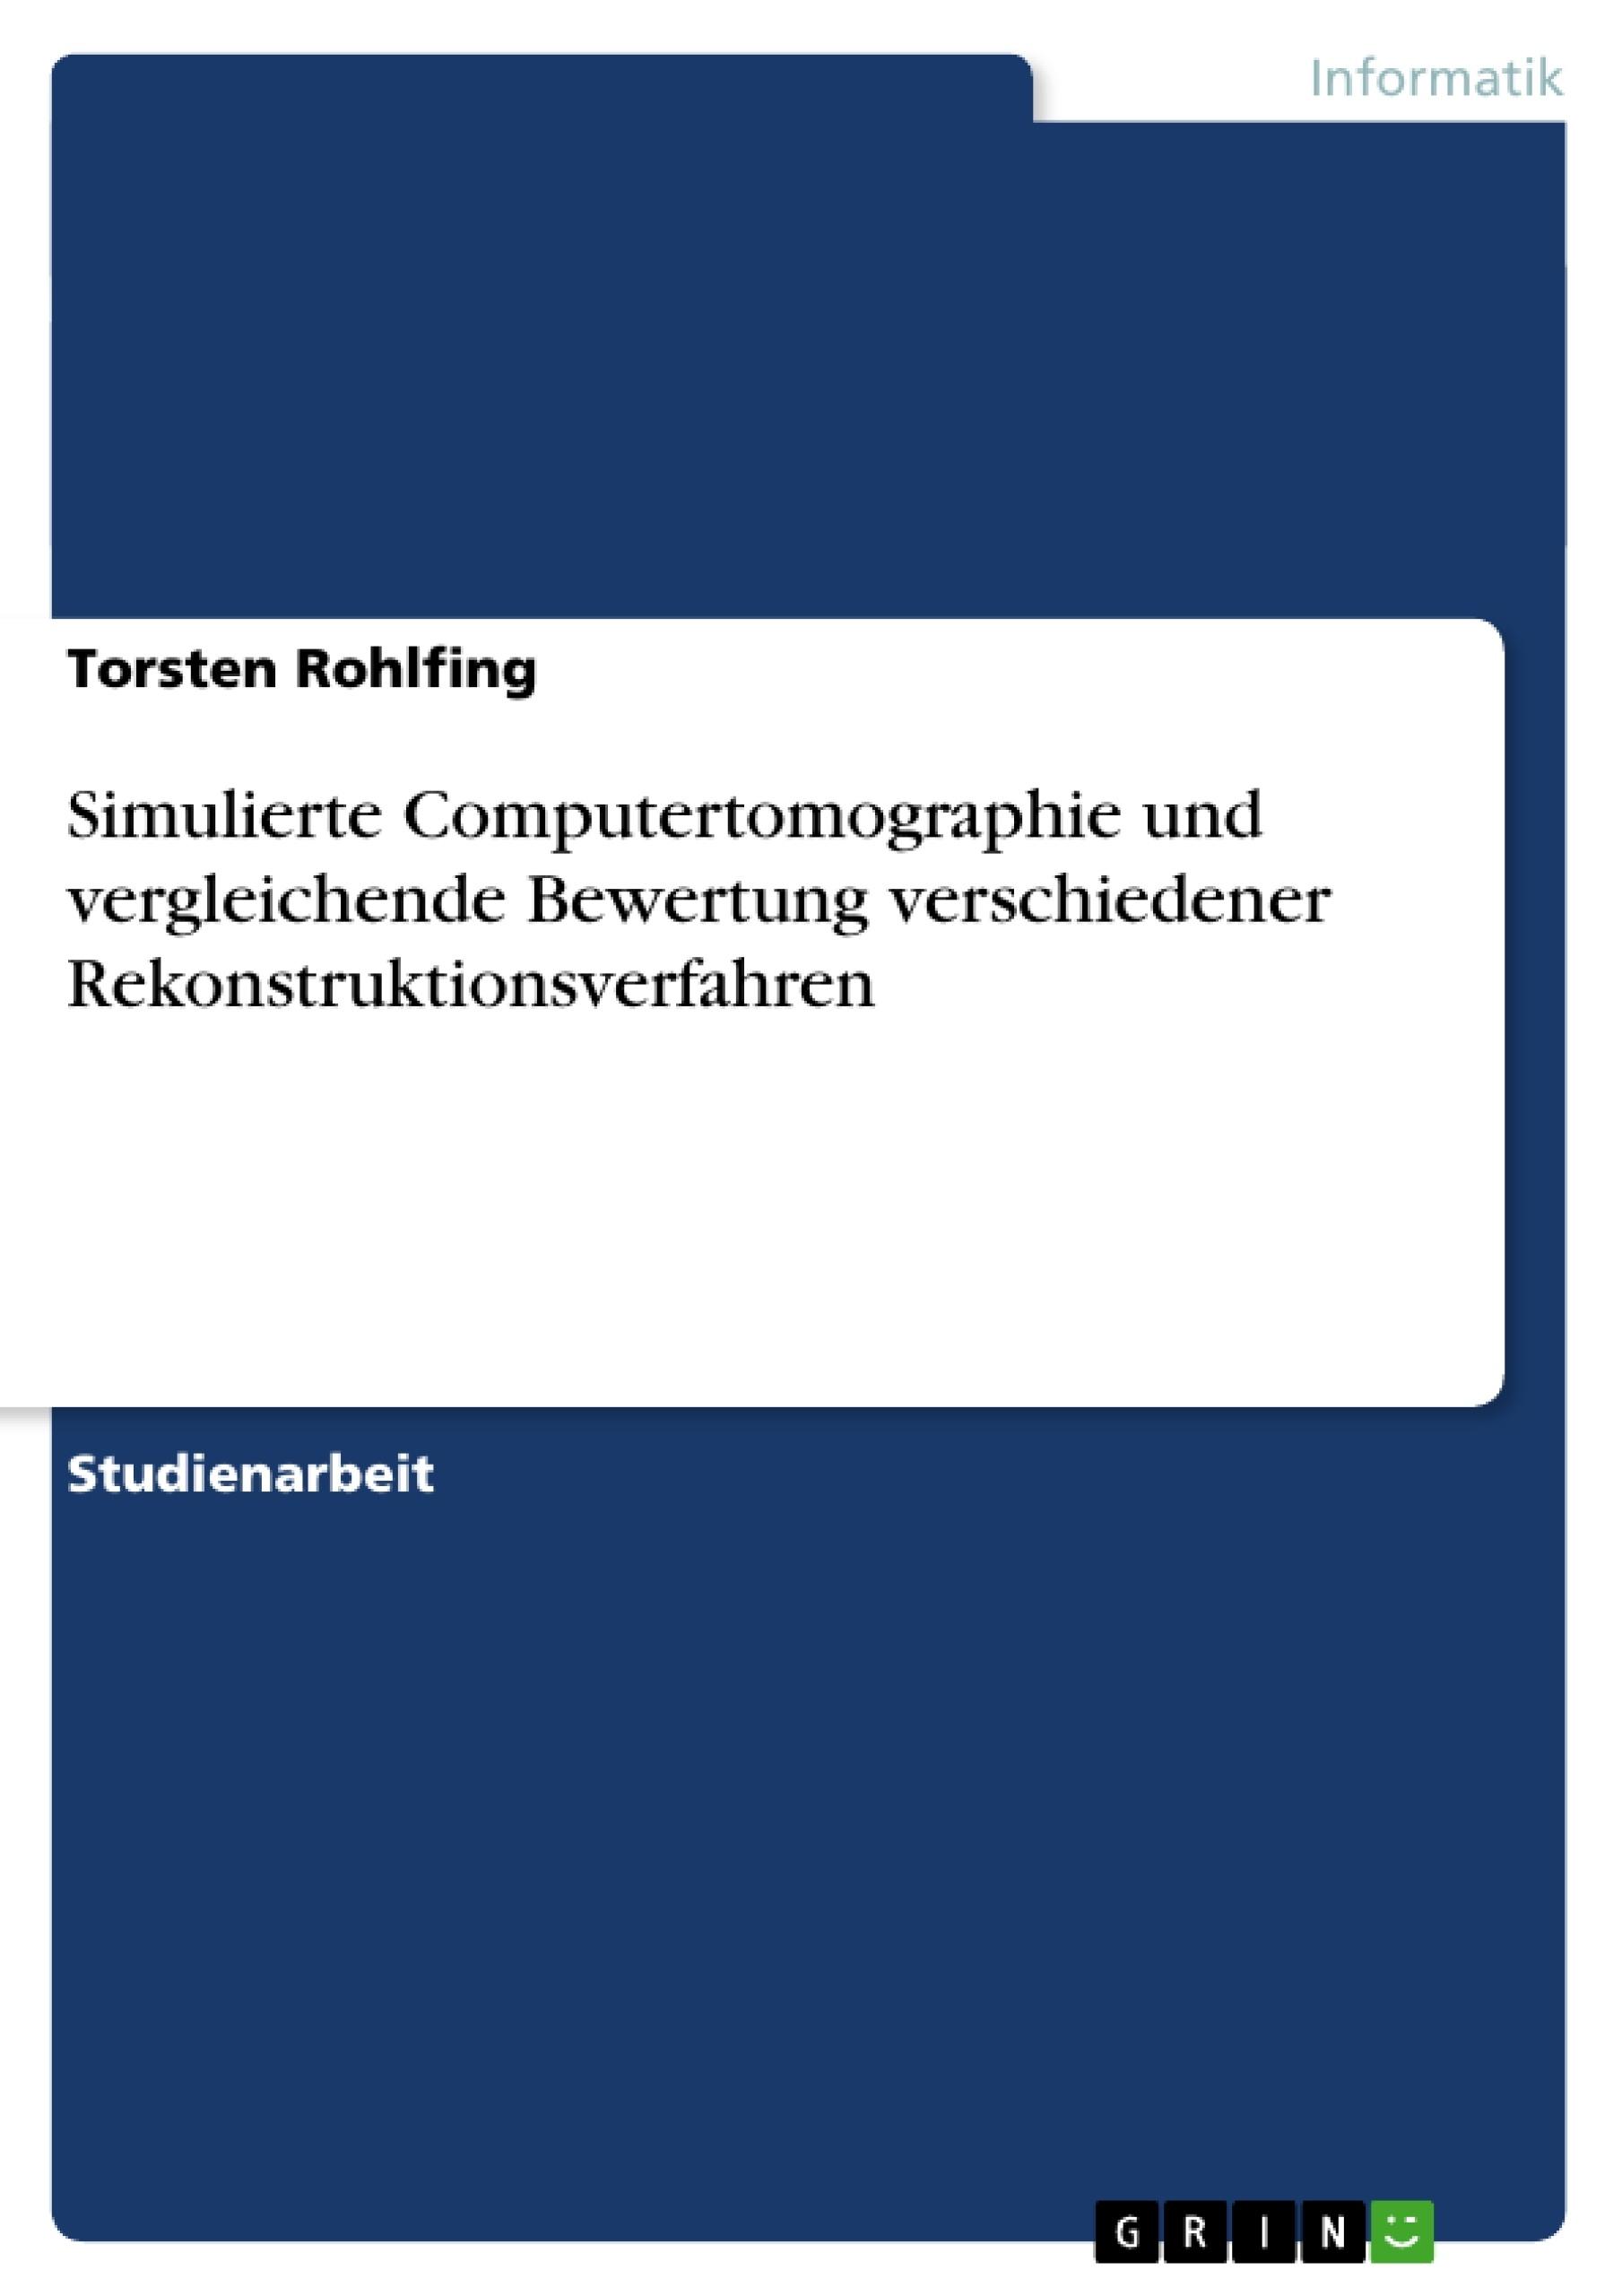 Titel: Simulierte Computertomographie und vergleichende Bewertung verschiedener Rekonstruktionsverfahren